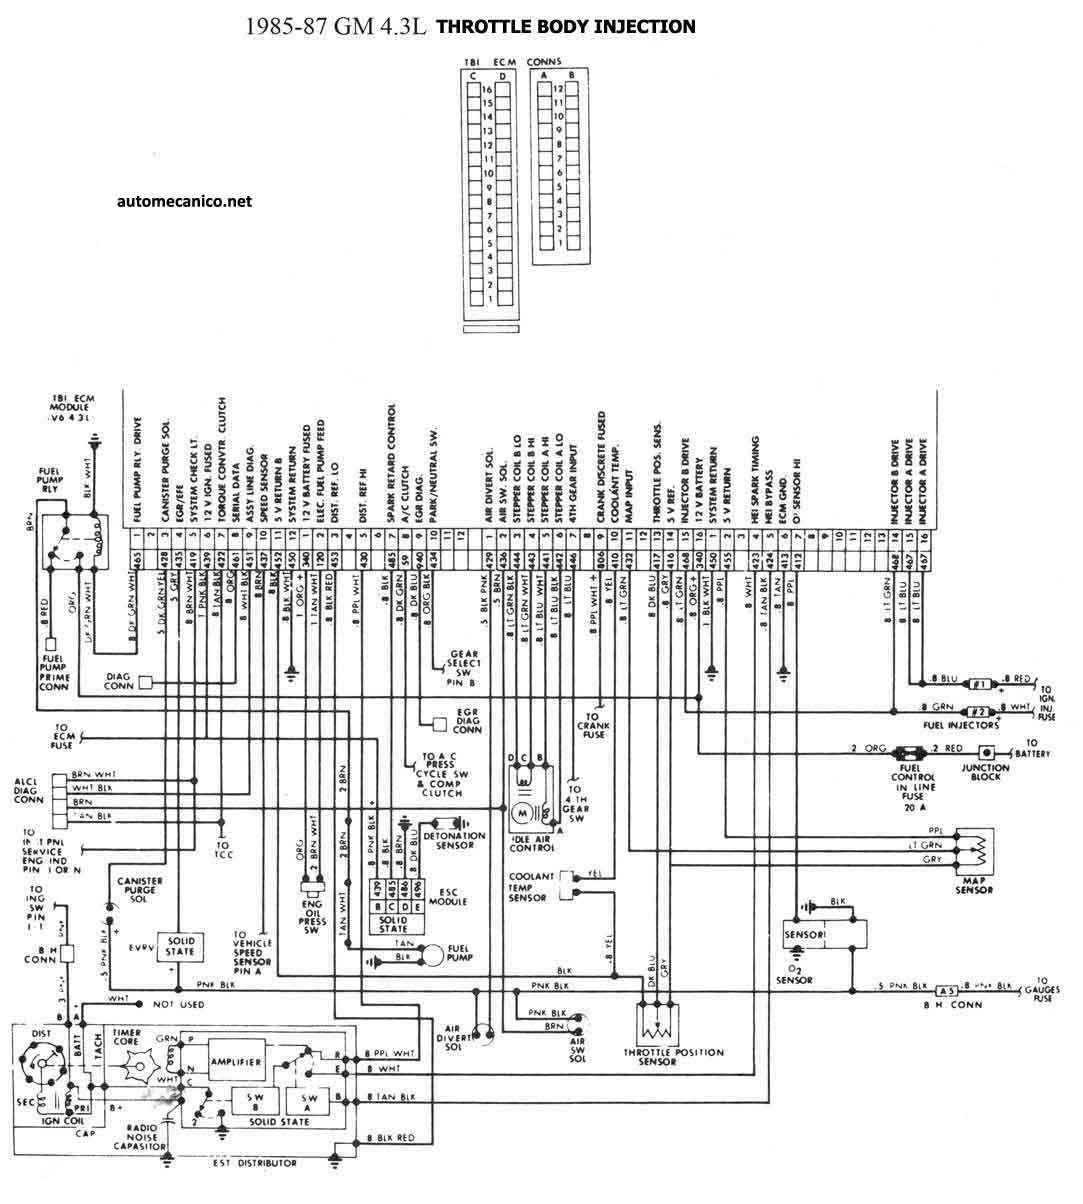 1990 s10 Motor diagrama de cableado